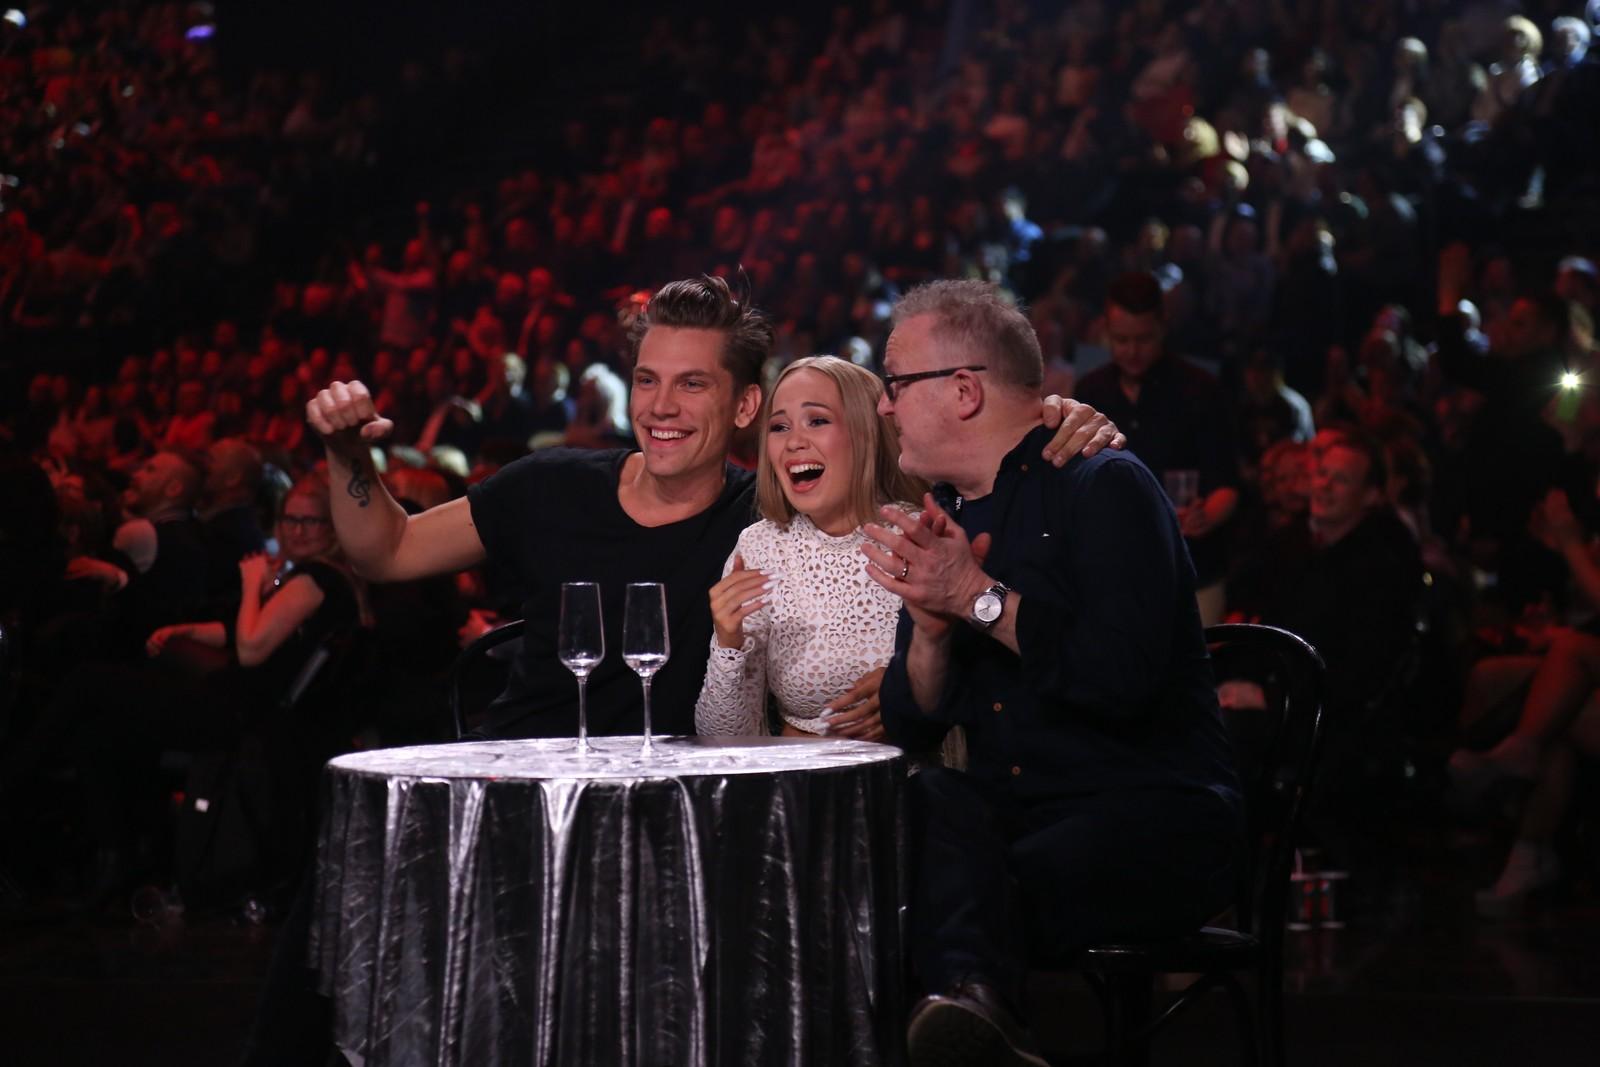 Agnete utklasset de andre gullfinalistene i årets MGP-finale. Nå skal hun representere Norge i Eurovision Song Contest i Stockholm med låta «Icebreaker».